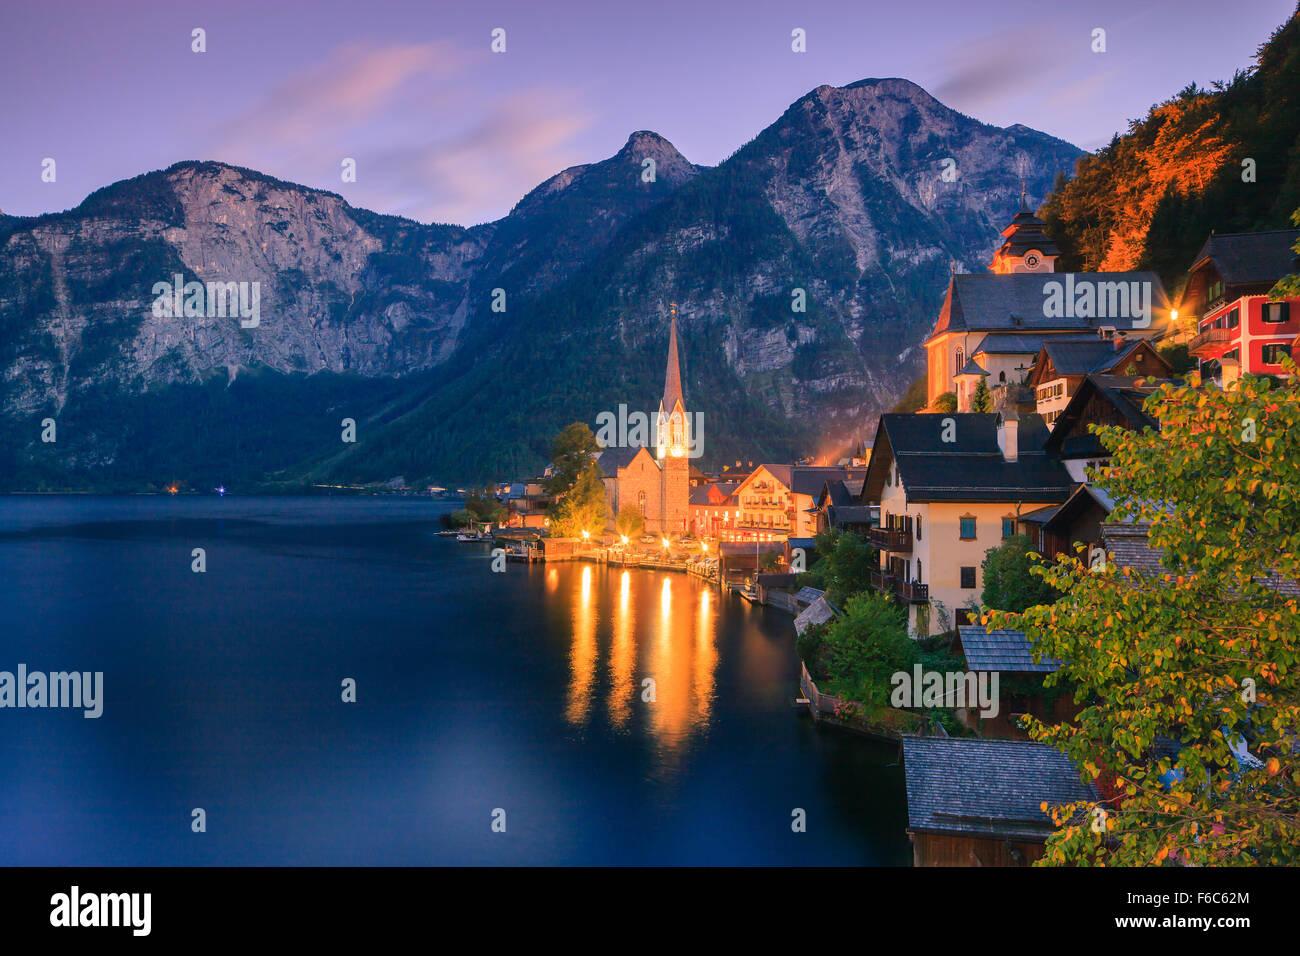 Amanecer en Hallstatt, en Alta Austria es una aldea en el Salzkammergut, una región de Austria. Imagen De Stock